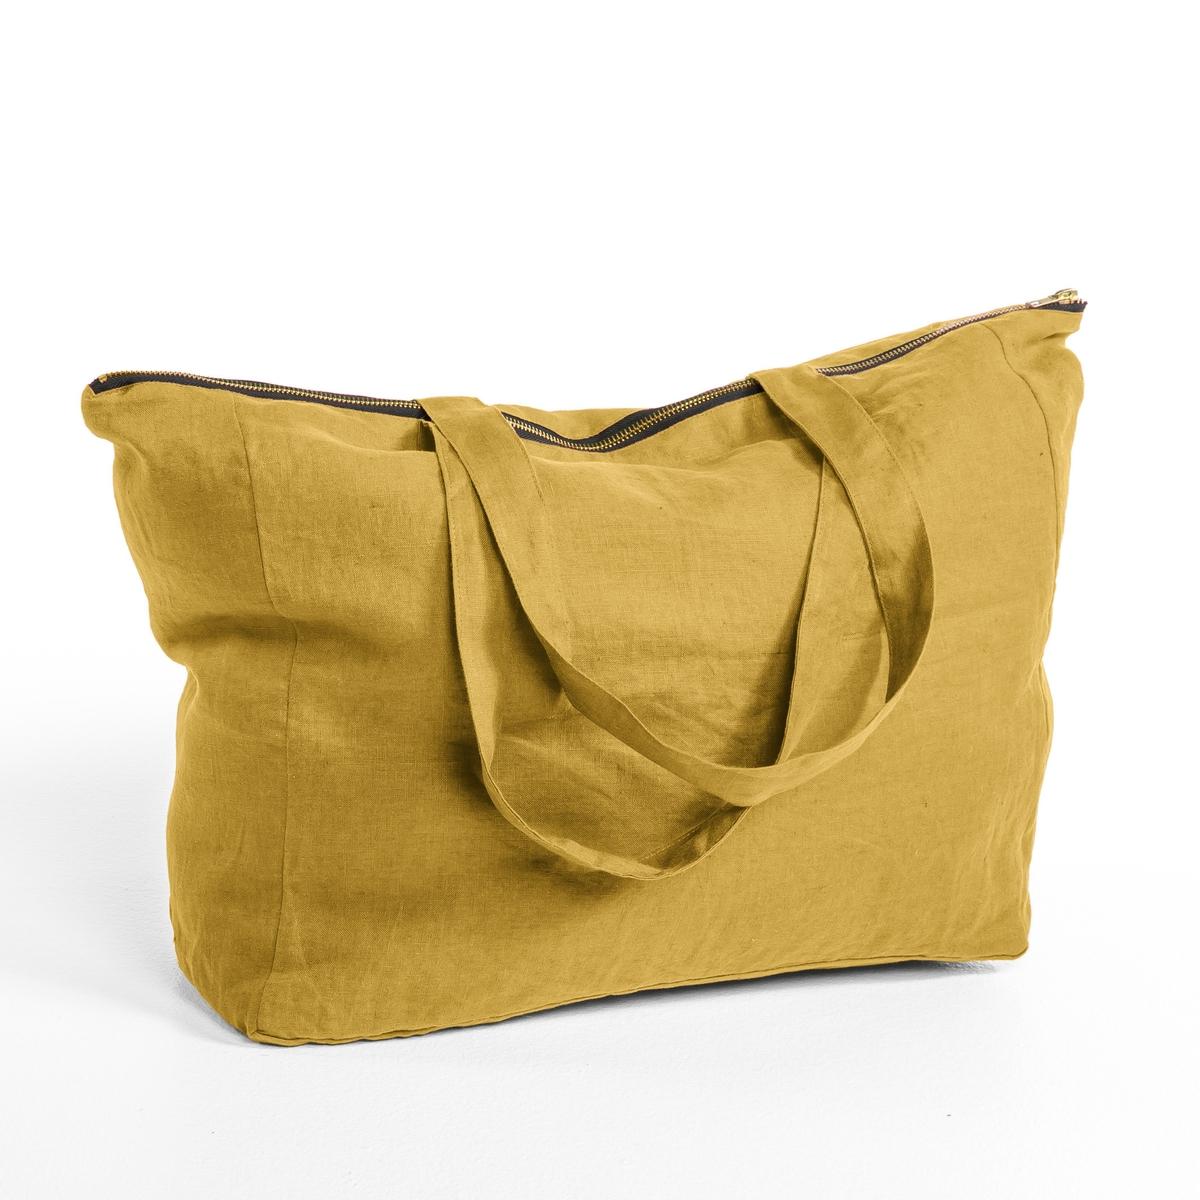 Сумка 100% лен ElinaВам понравятся утонченные и изысканные цвета, в которых выполнена эта сумка из льна с застежкой на молнию. Великолепный материал. Идеальная сумка для шоппинга. Купите ее в подарок или подарите самой себе.- 100% стираный лен. Подкладка из черного хлопка.- 2 ручки.- Закрывается на молнию золотистого цвета. : 40 x 34  x 15 см.- С логотипом бренда AM.PM   . (этикетка внутри) .- Машинная стирка при 40 °С.<br><br>Цвет: зеленый шалфей,серый<br>Размер: единый размер.единый размер